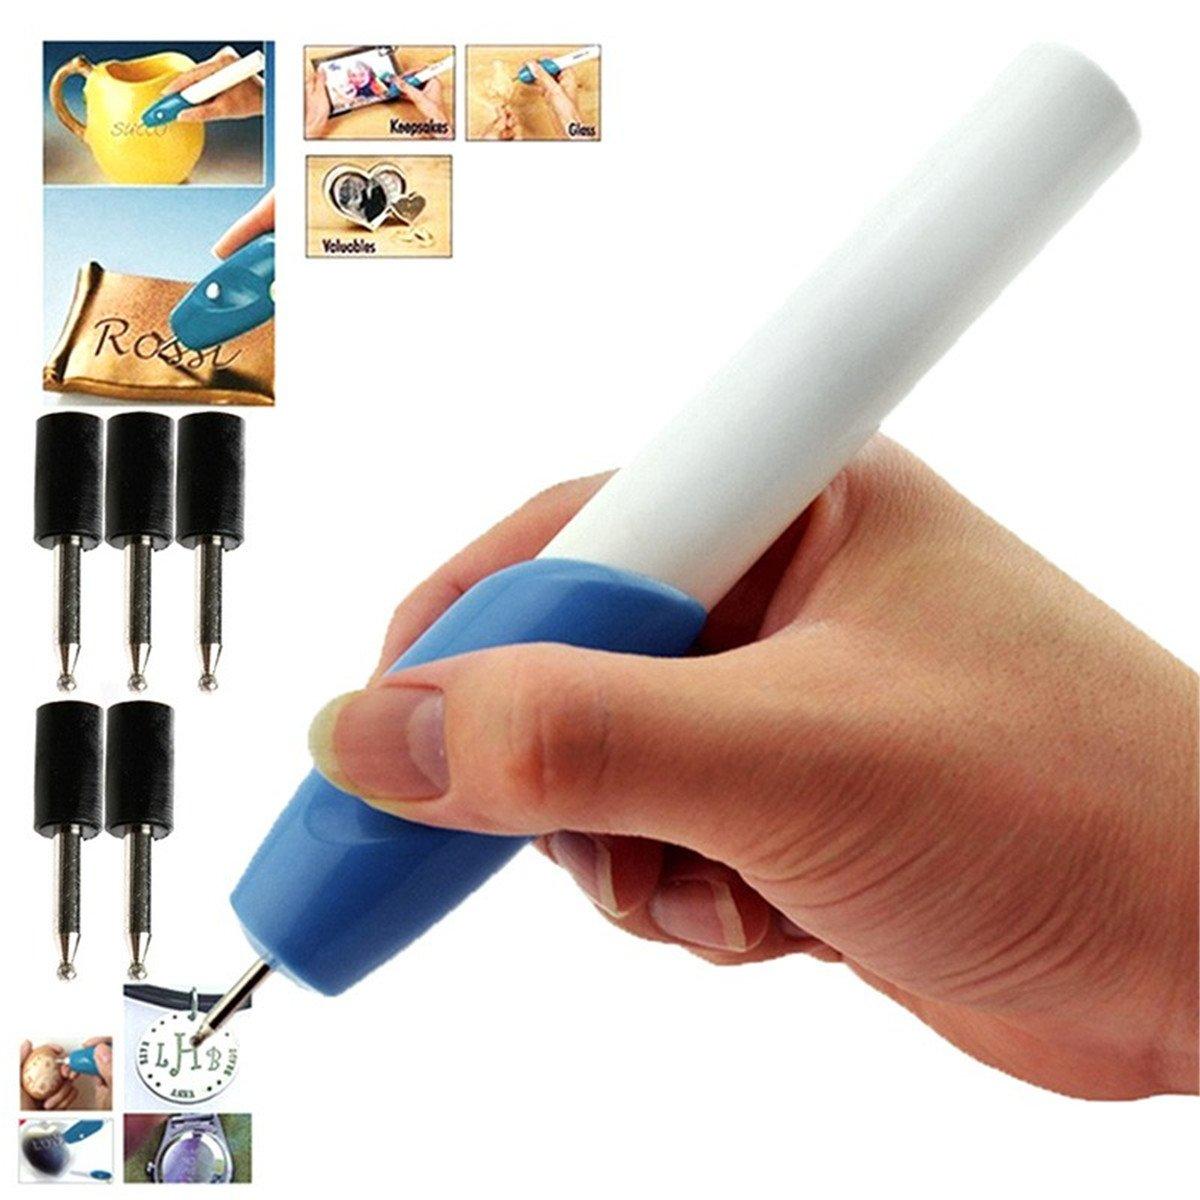 Mini stylo-graveur é lectrique automatique, deux pointes, ustensiles d' é cole, outil de cré ation, outil de gravure, gravure de bijoux, bleu foncé , 2 pointes ustensiles d' école outil de création bleu foncé SZH-POD